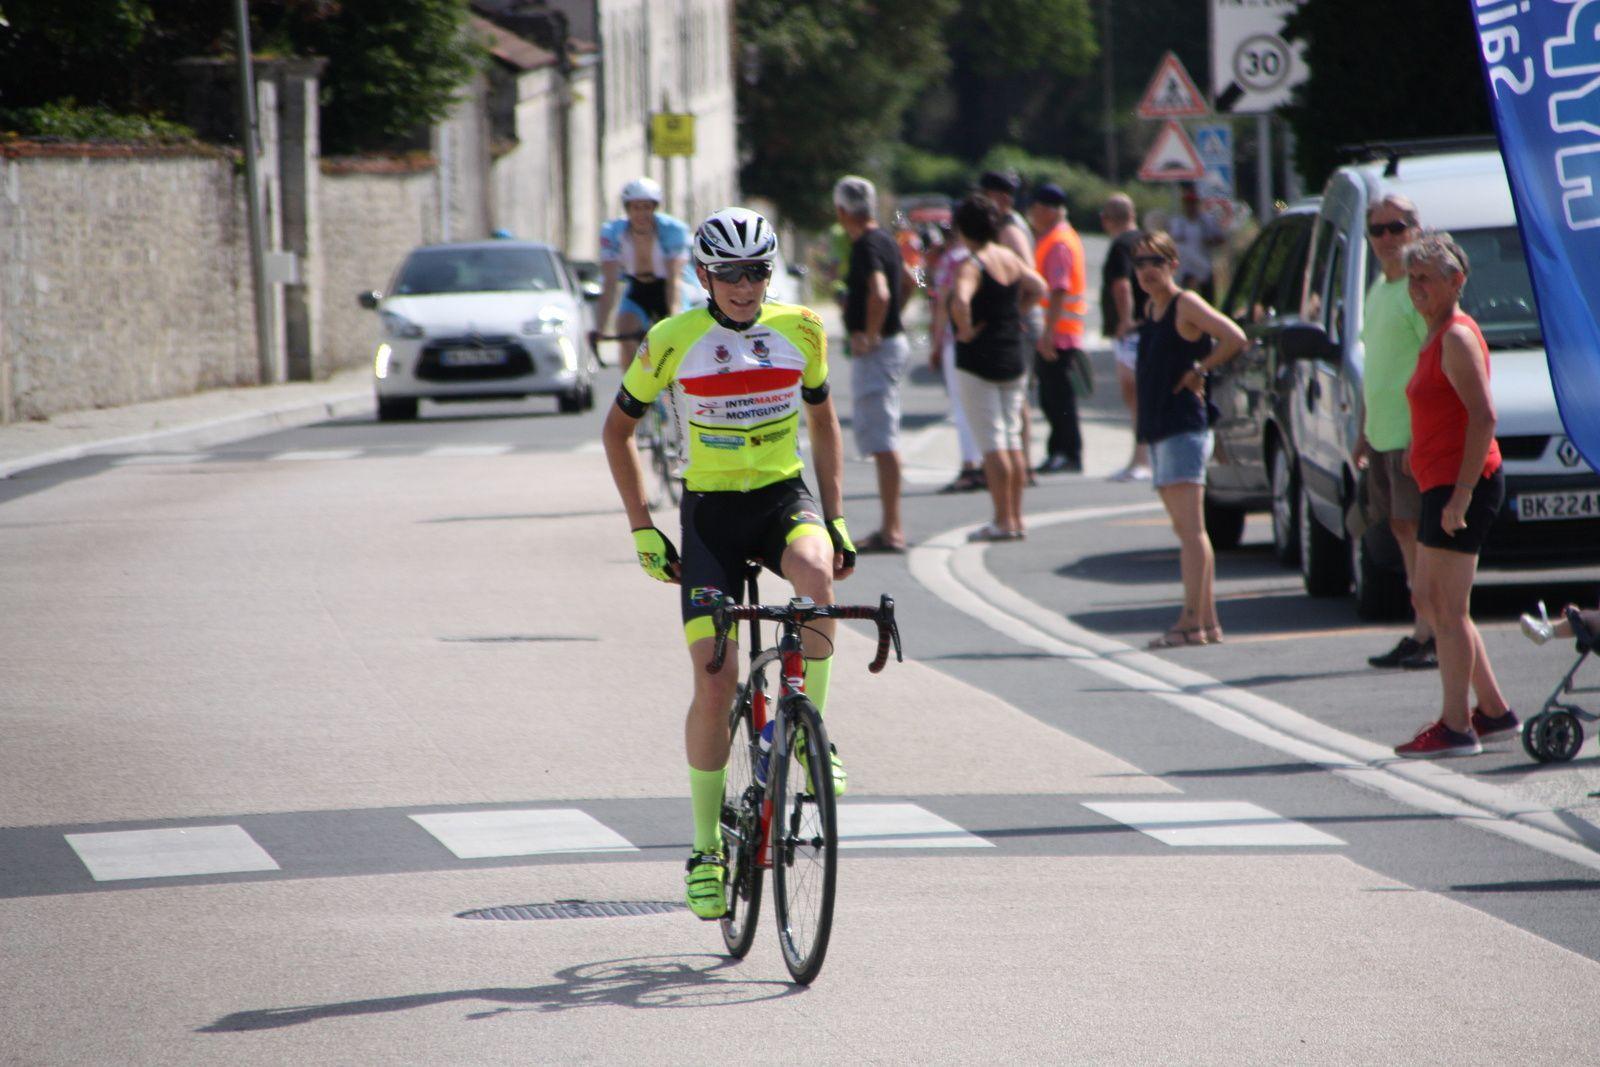 L'arrivée  et  la  victoire  pour  Simon  BRUET(EC 3M).